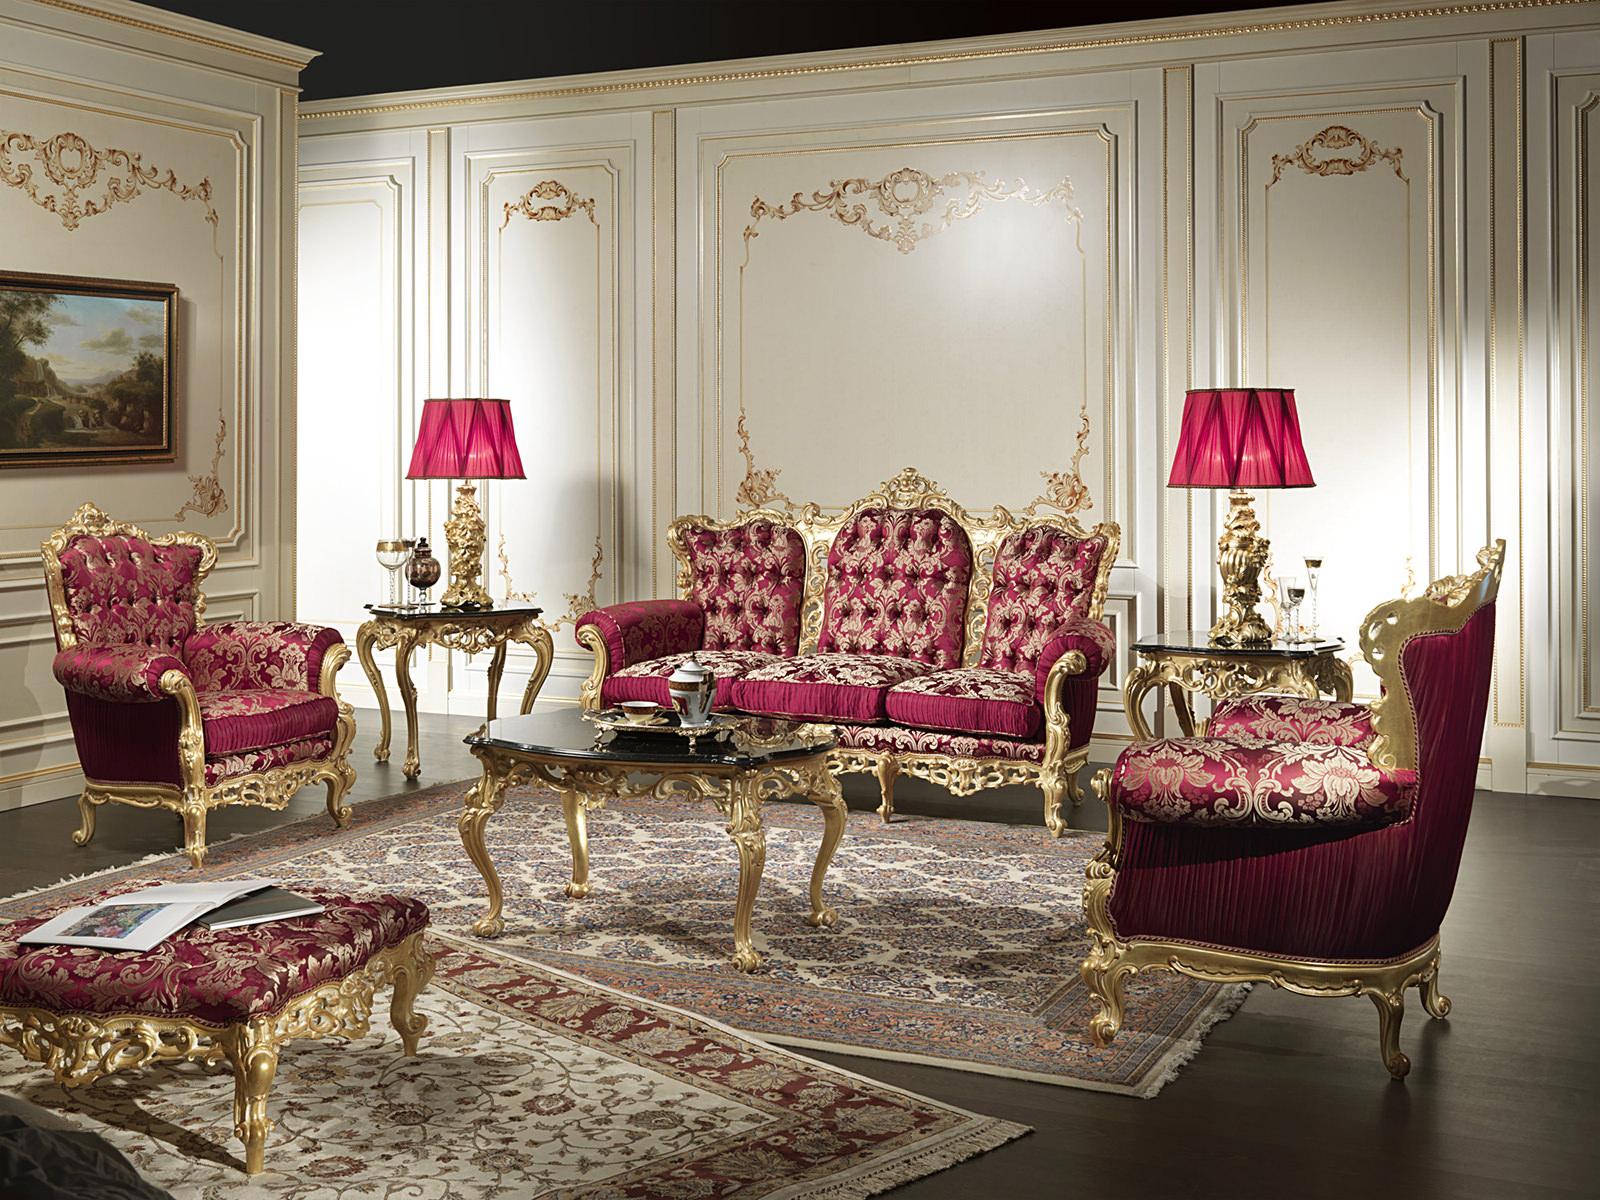 Золотисто-красная мебель в гостиной в стиле барокко